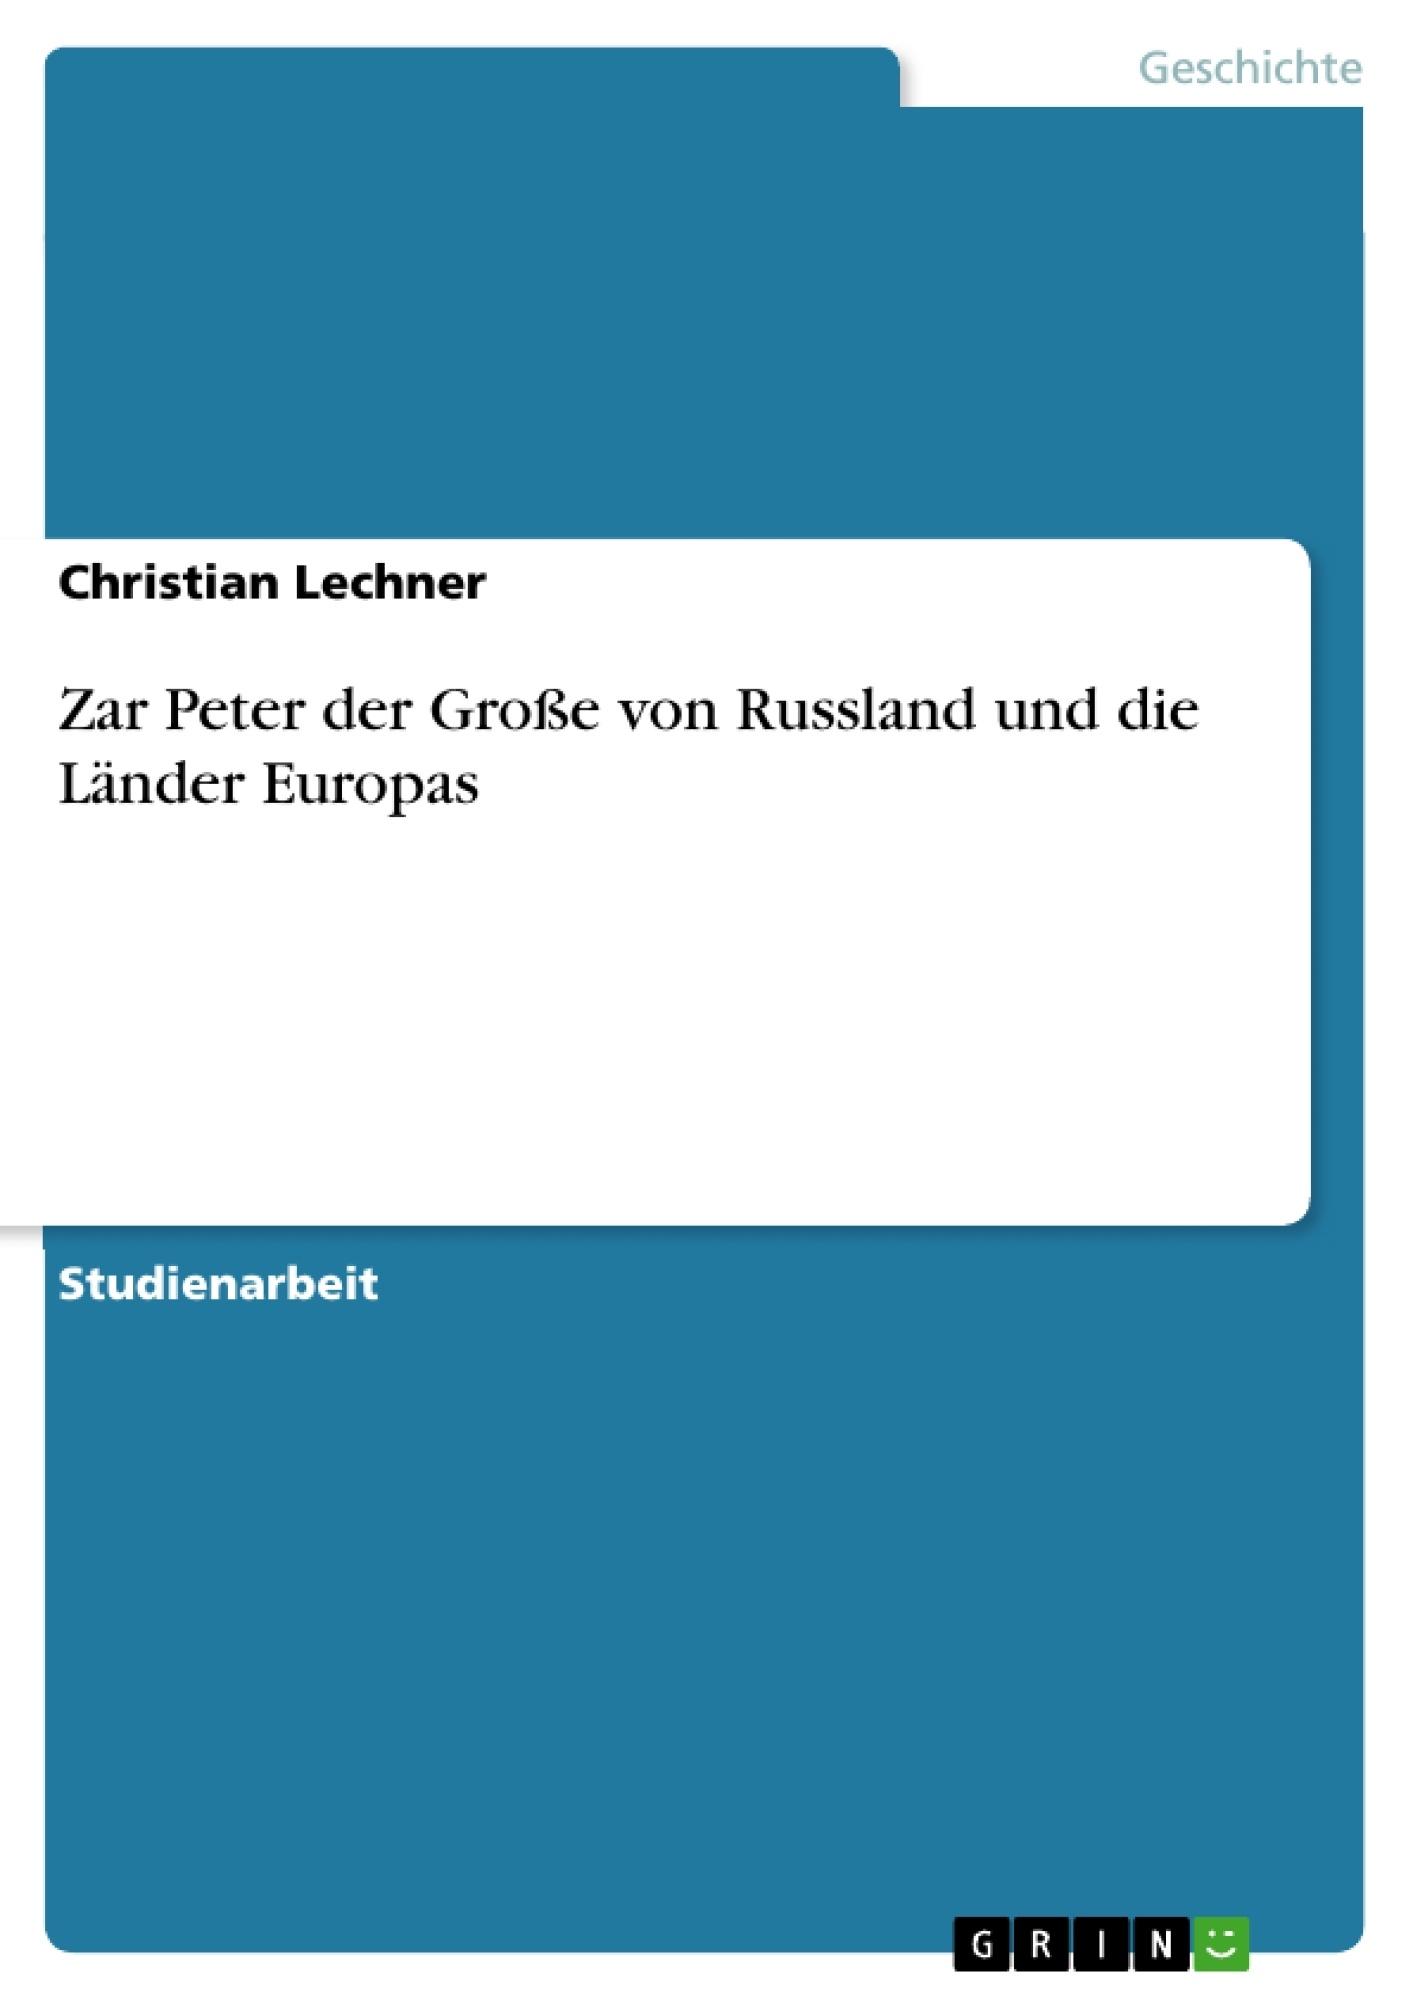 Titel: Zar Peter der Große von Russland und die Länder Europas